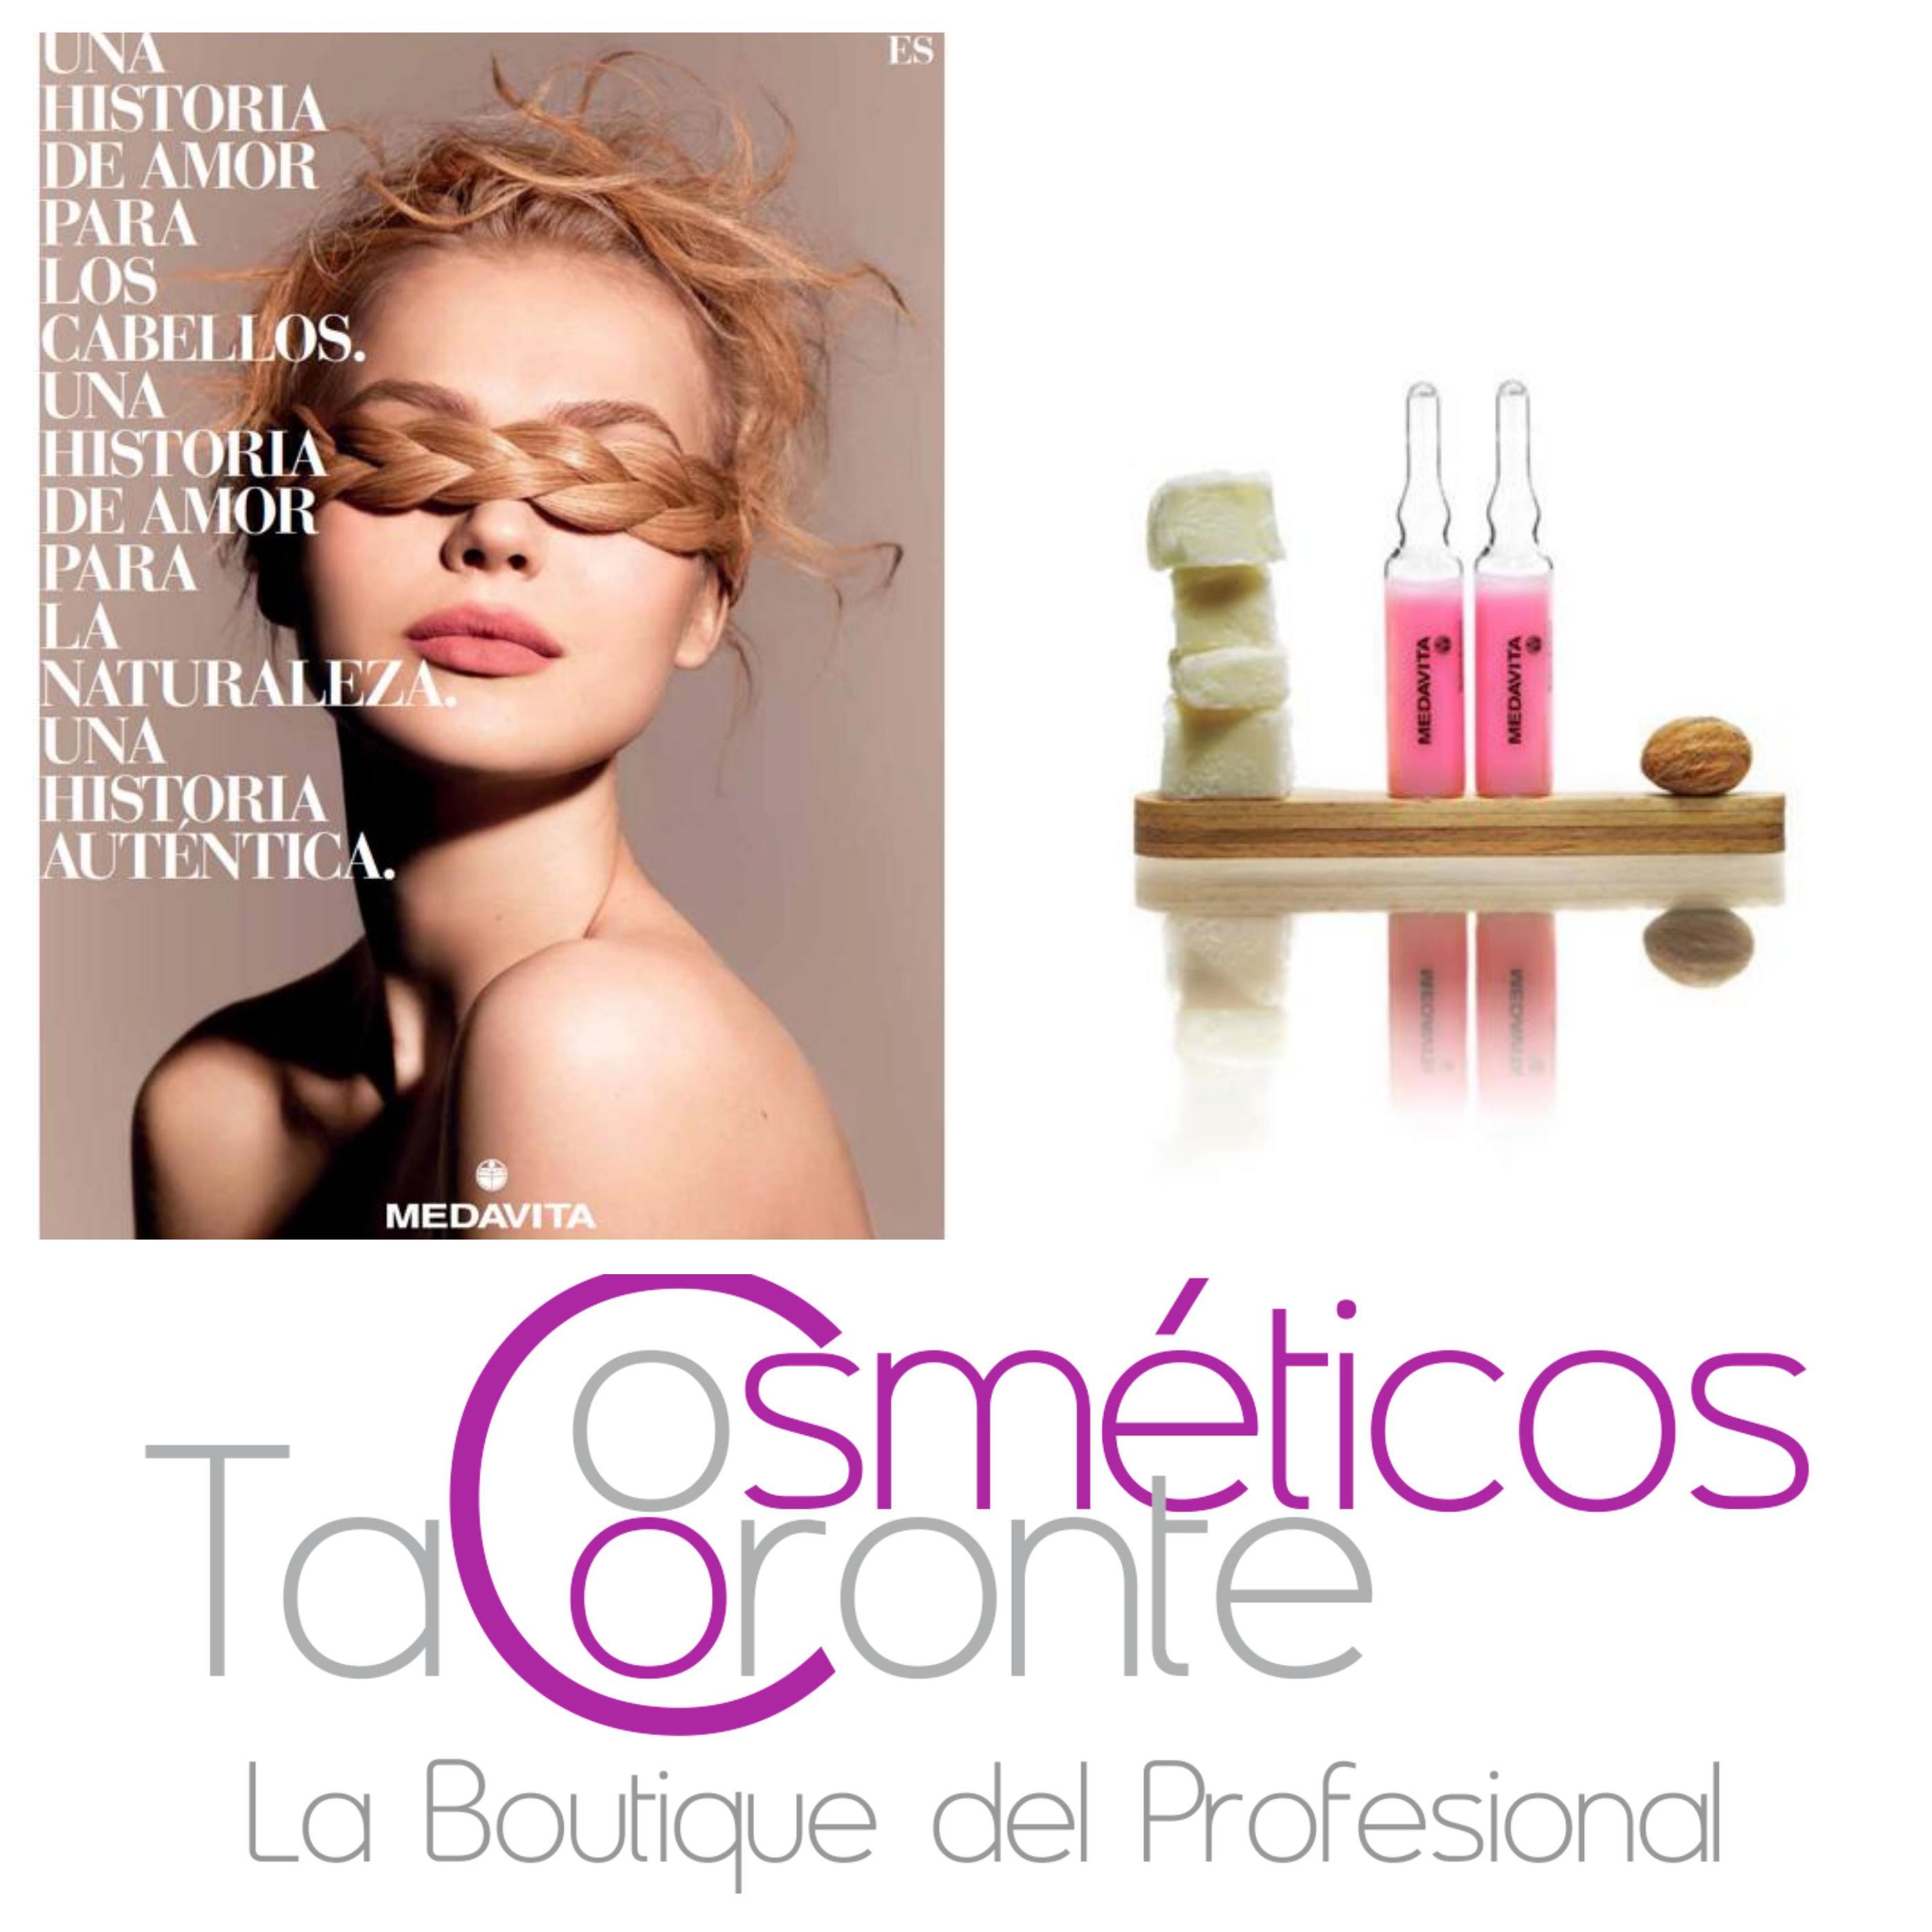 Foto 1 de Perfumería y cosmética (fabricación y distribución) en Tacoronte | Cosméticos Tacoronte